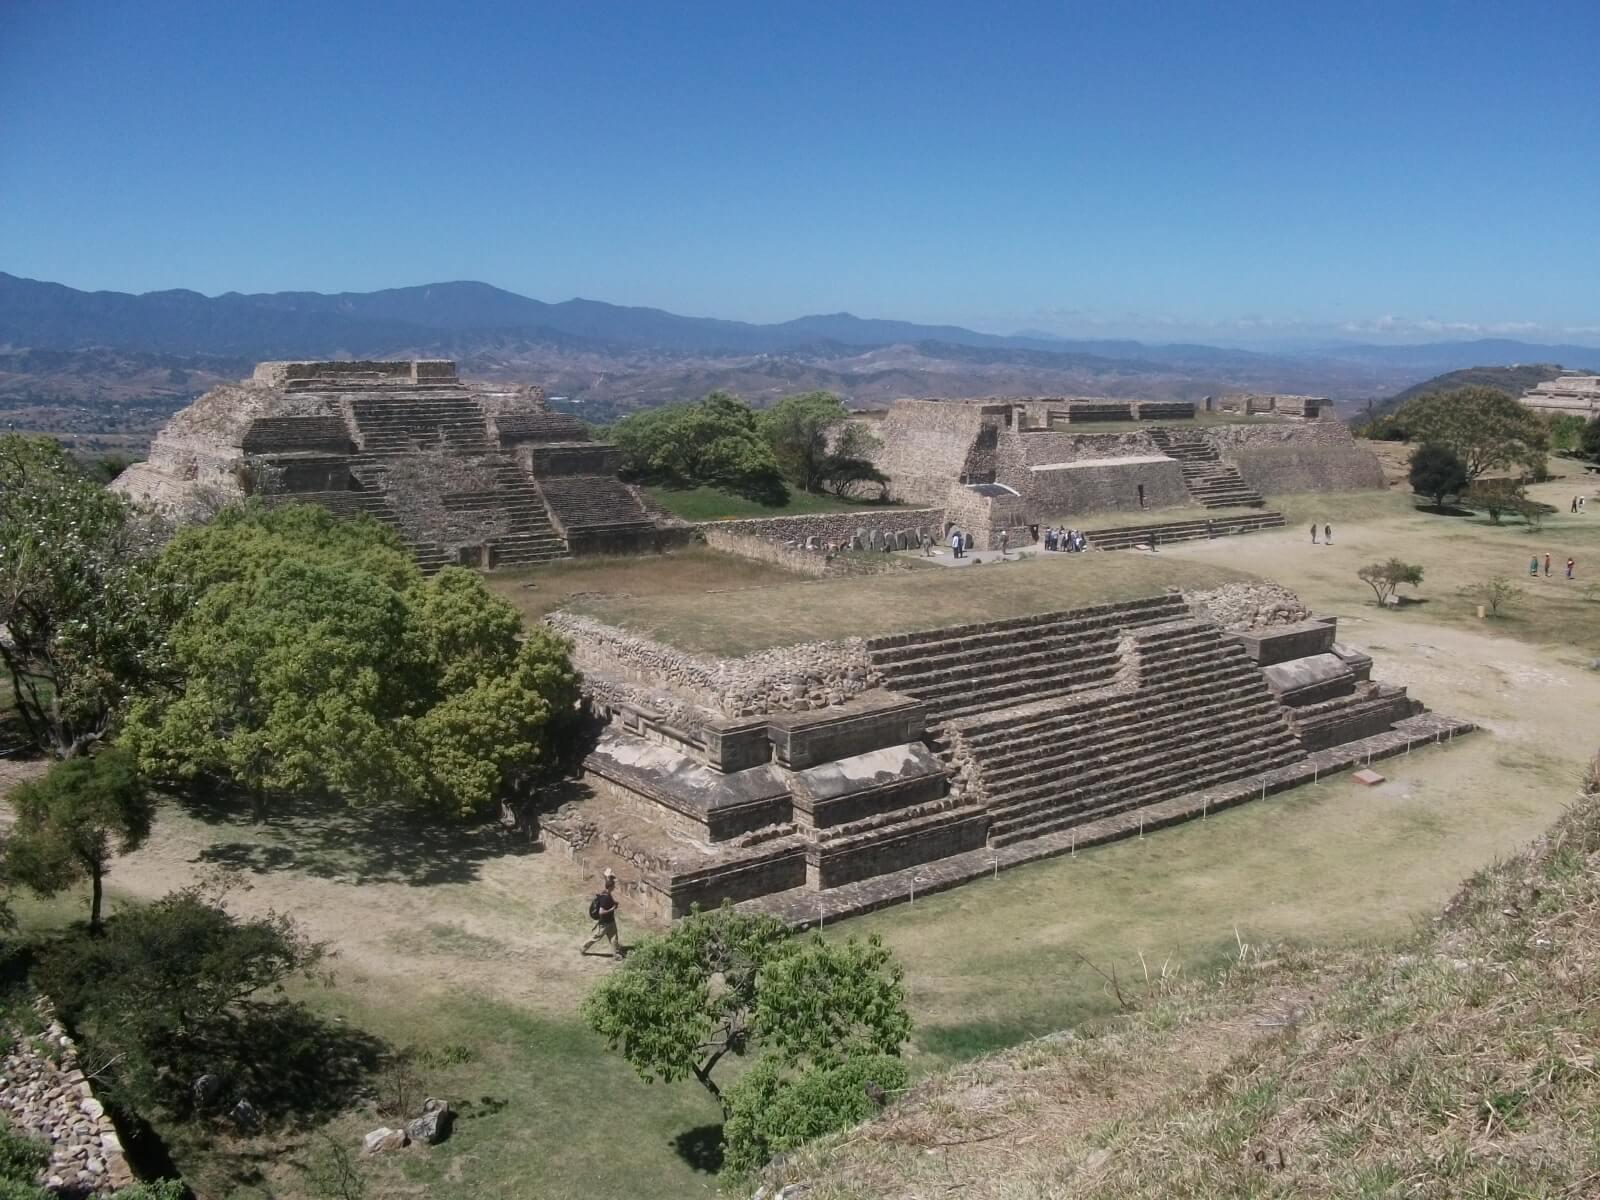 世界遺産・オアハカ歴史地区とモンテ・アルバンの考古遺跡2